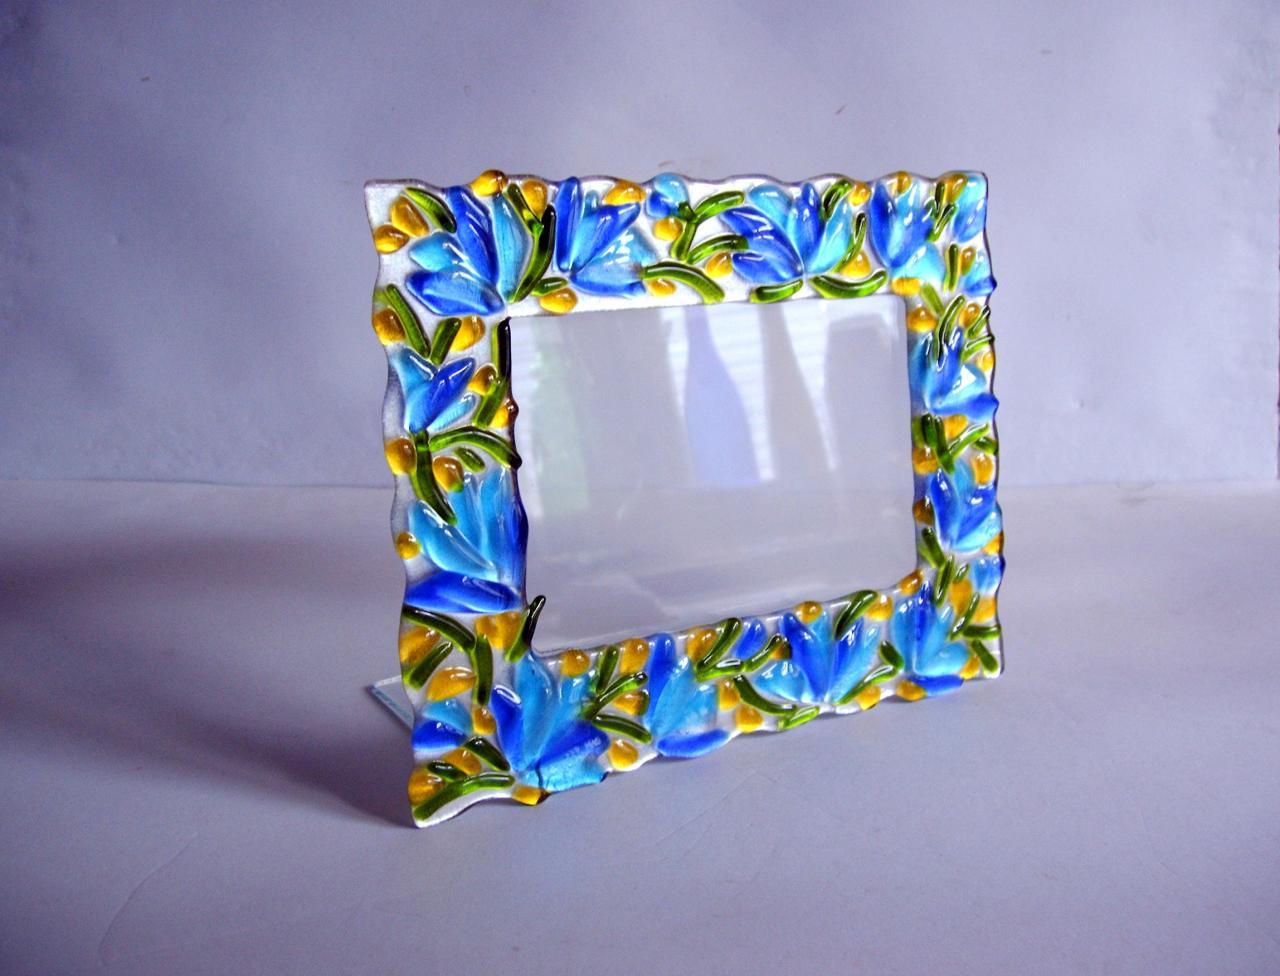 Рамка для фотографий со стеклом своими руками